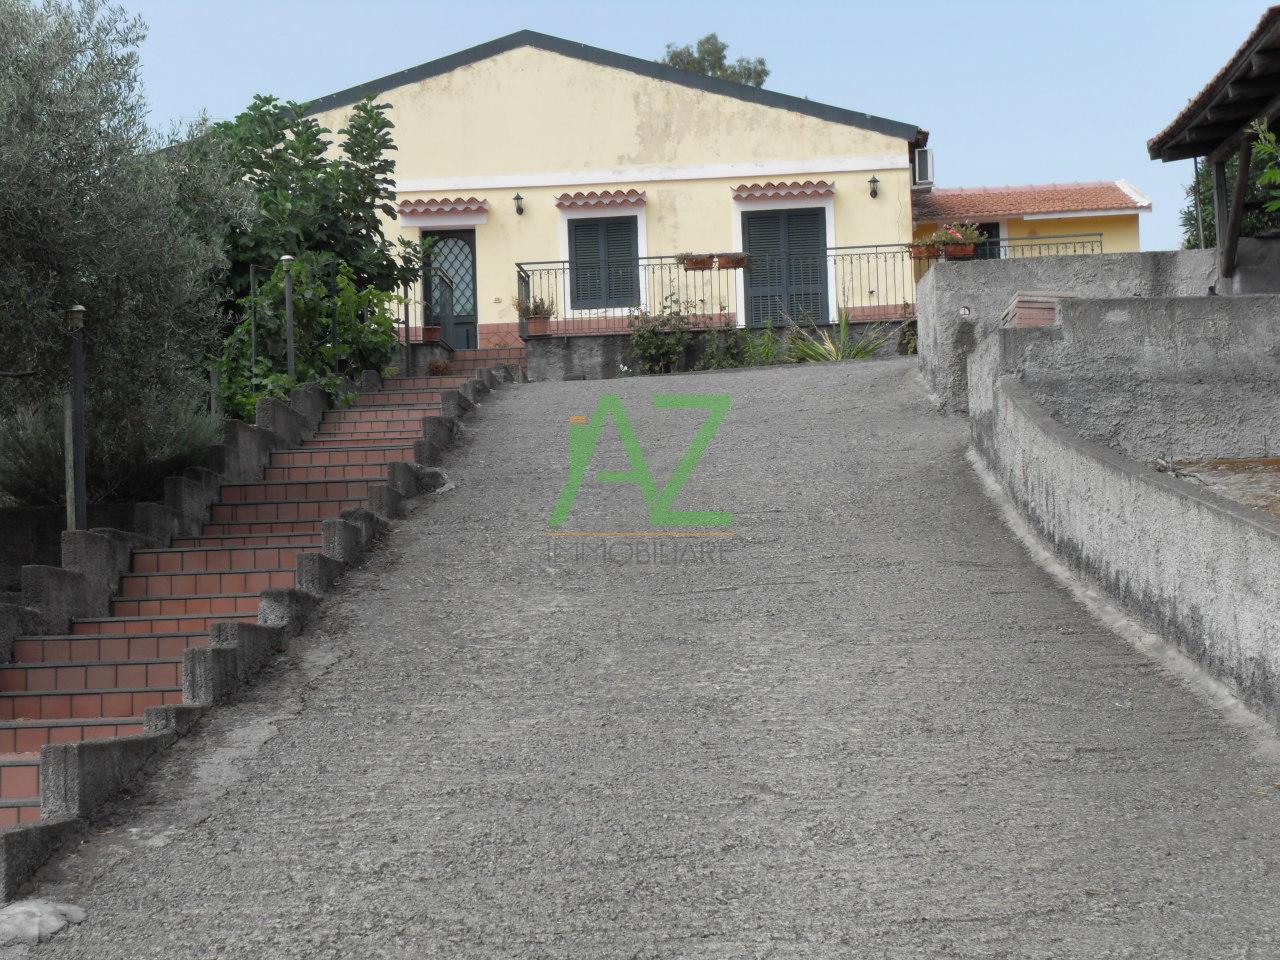 Villa in vendita a Belpasso, 4 locali, prezzo € 118.500 | Cambio Casa.it